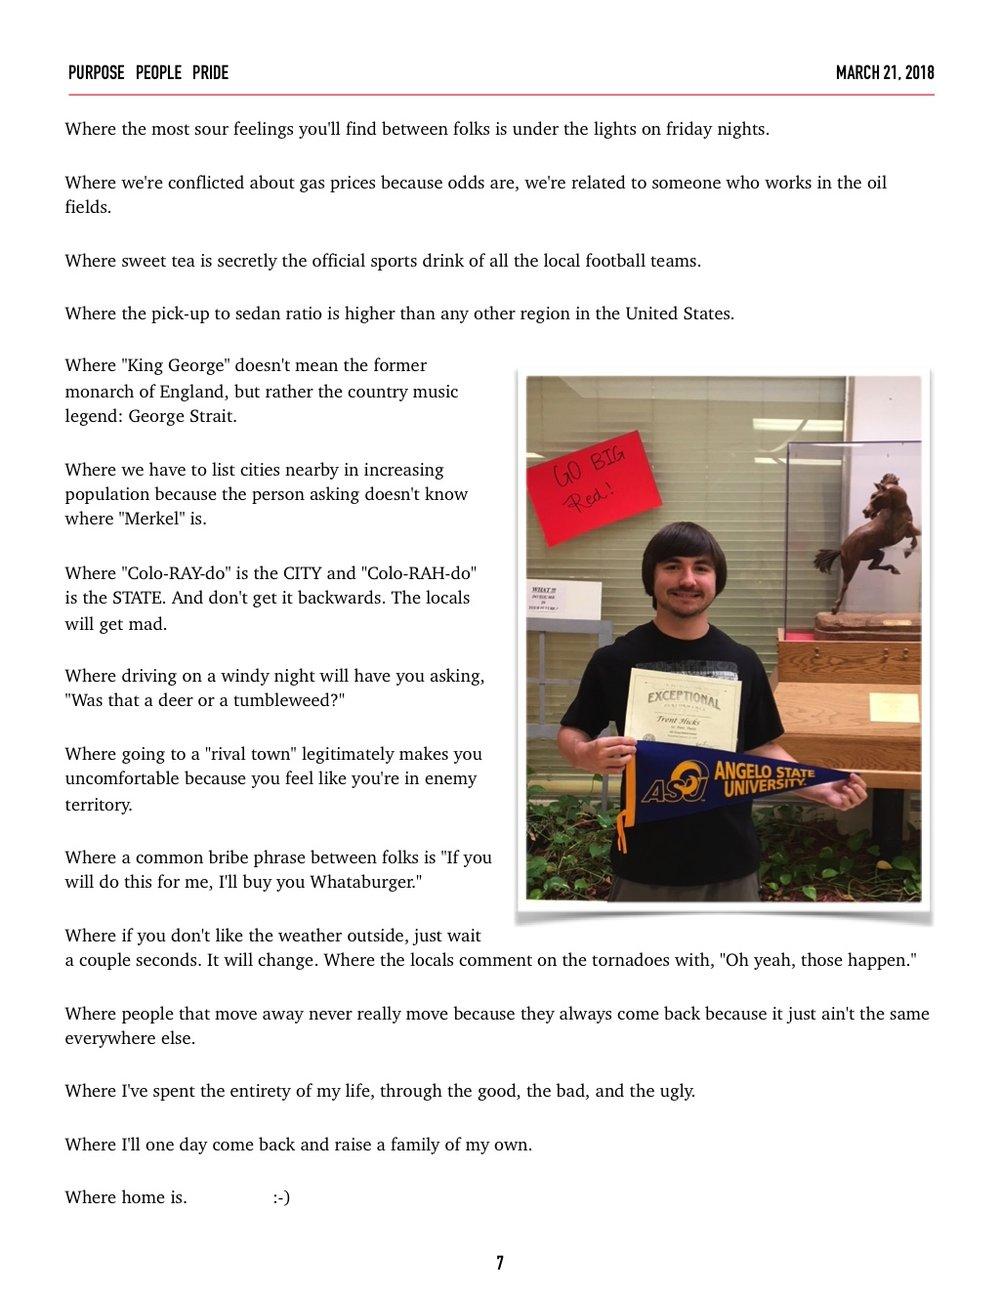 SISD Newsletter March 2018-7.jpg